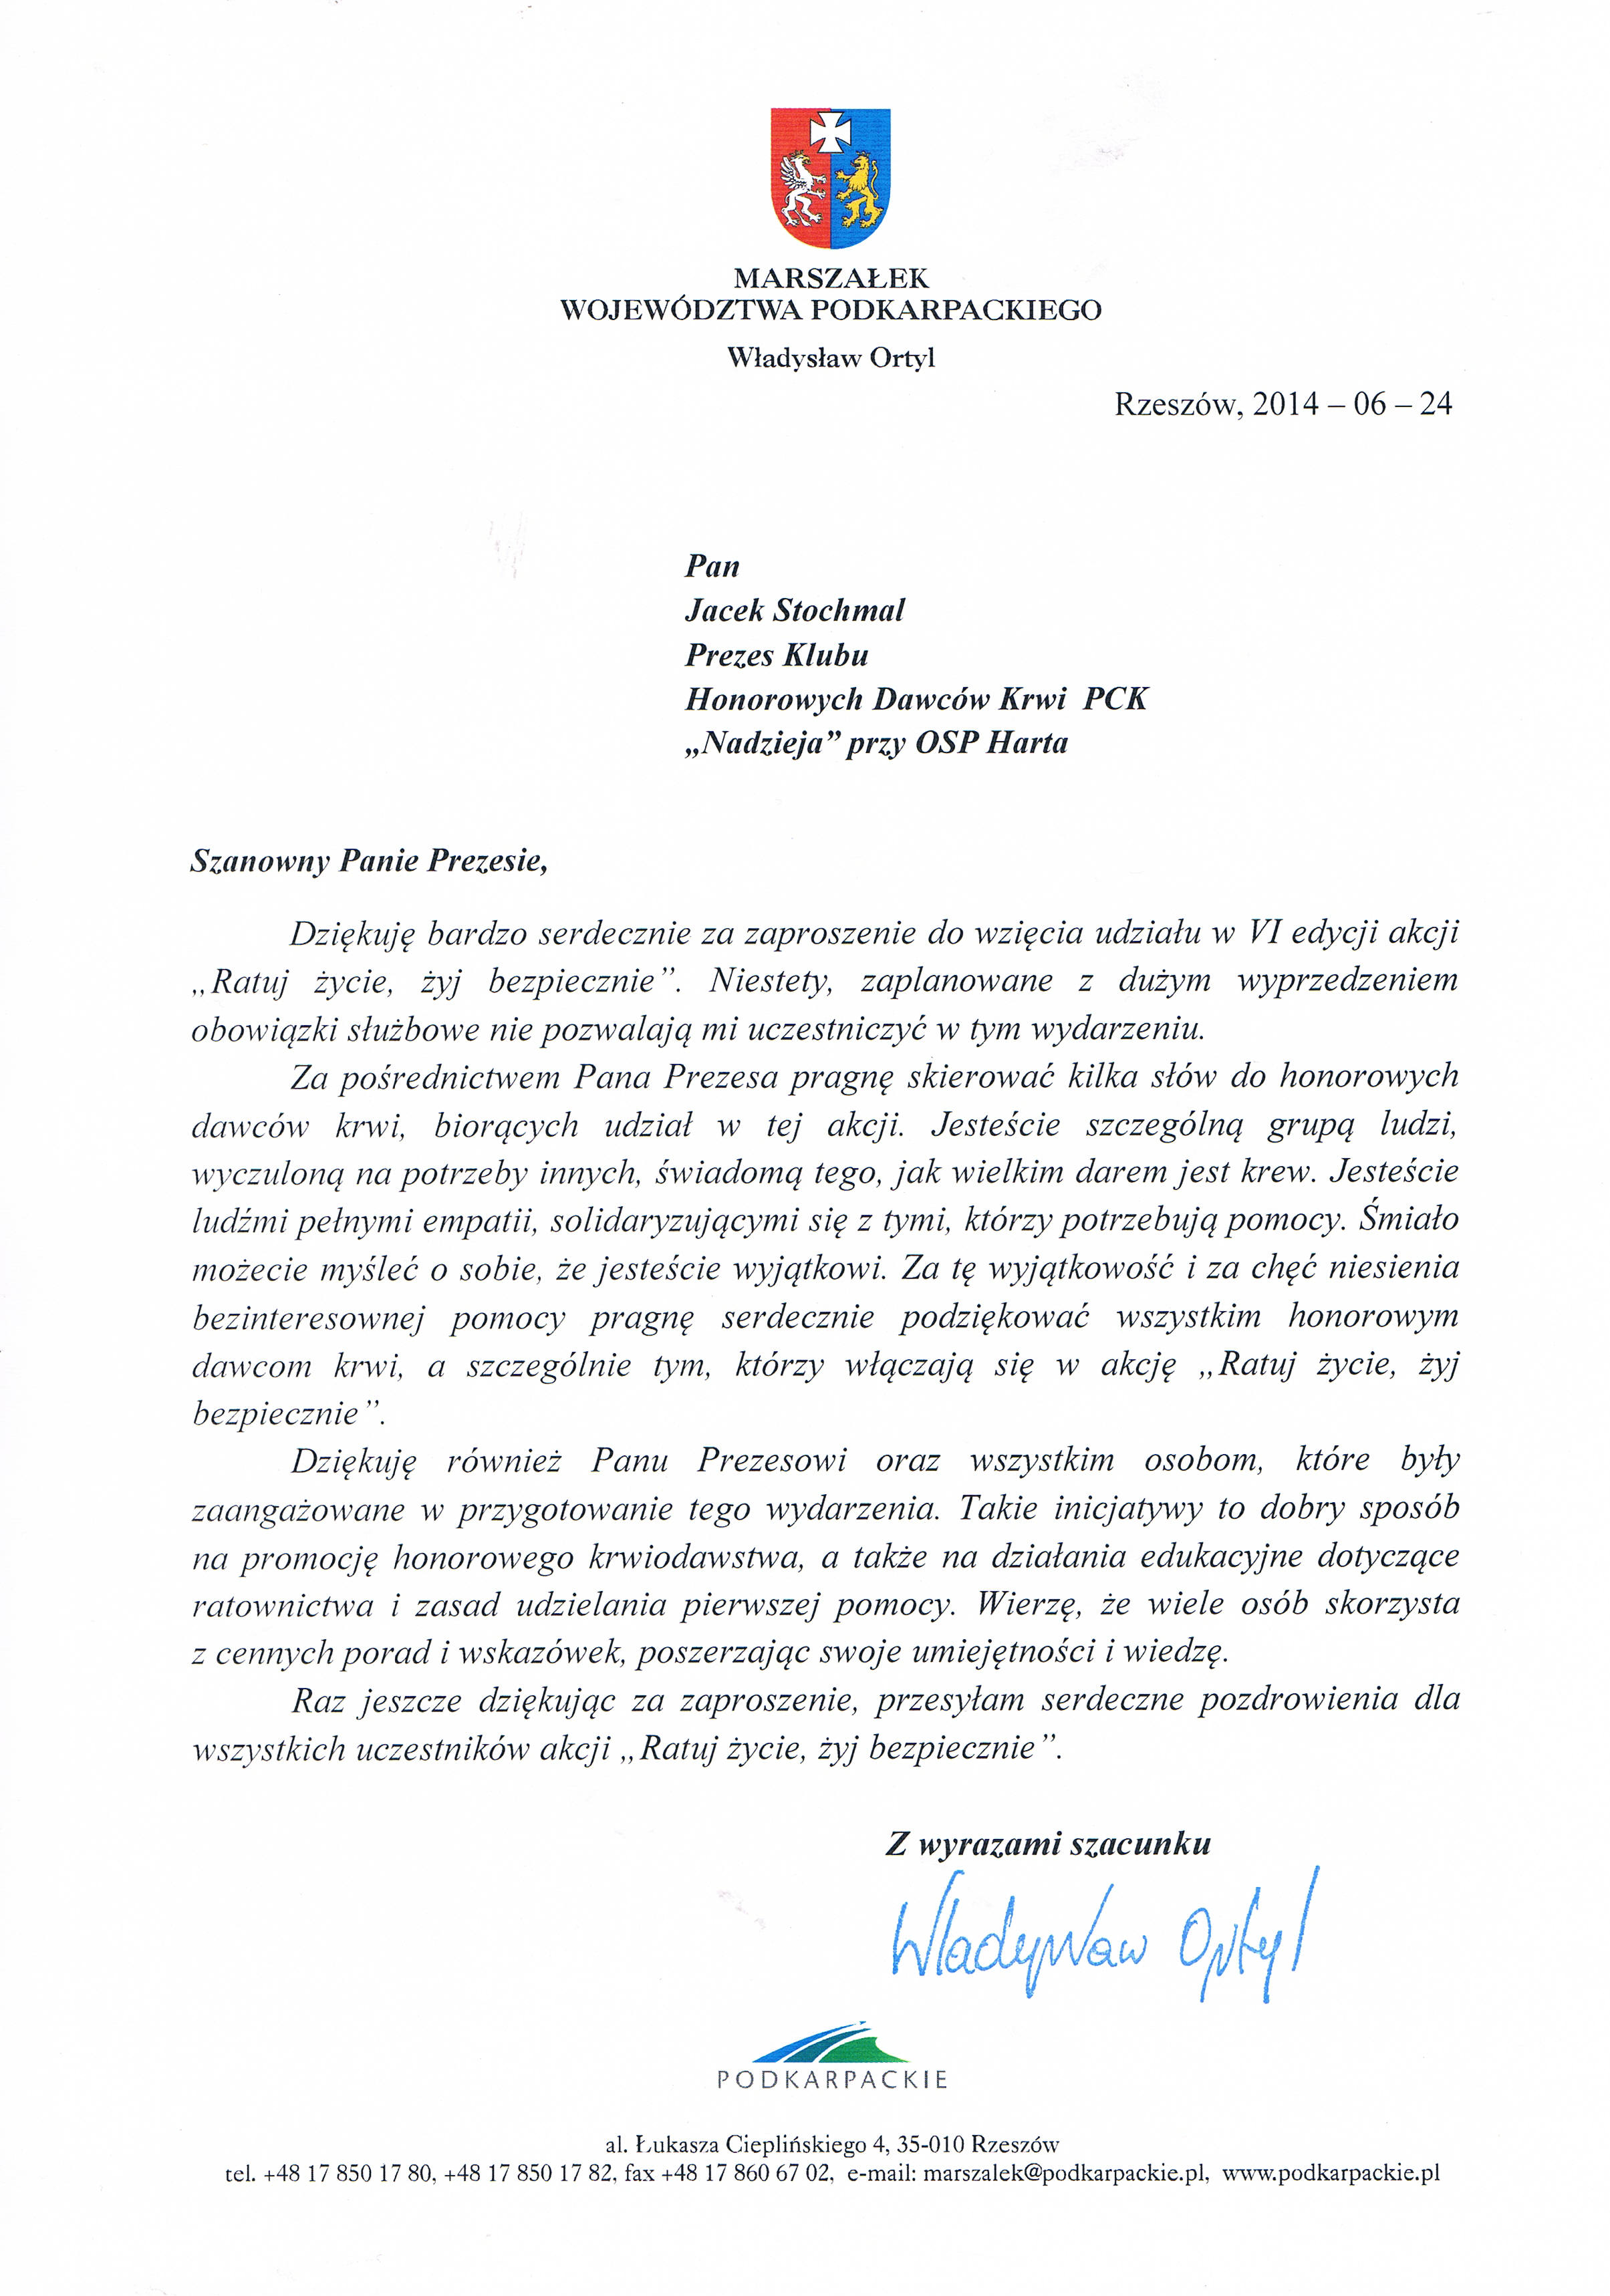 Podziękowanie od Marszałka Województwa Podkarpackiego